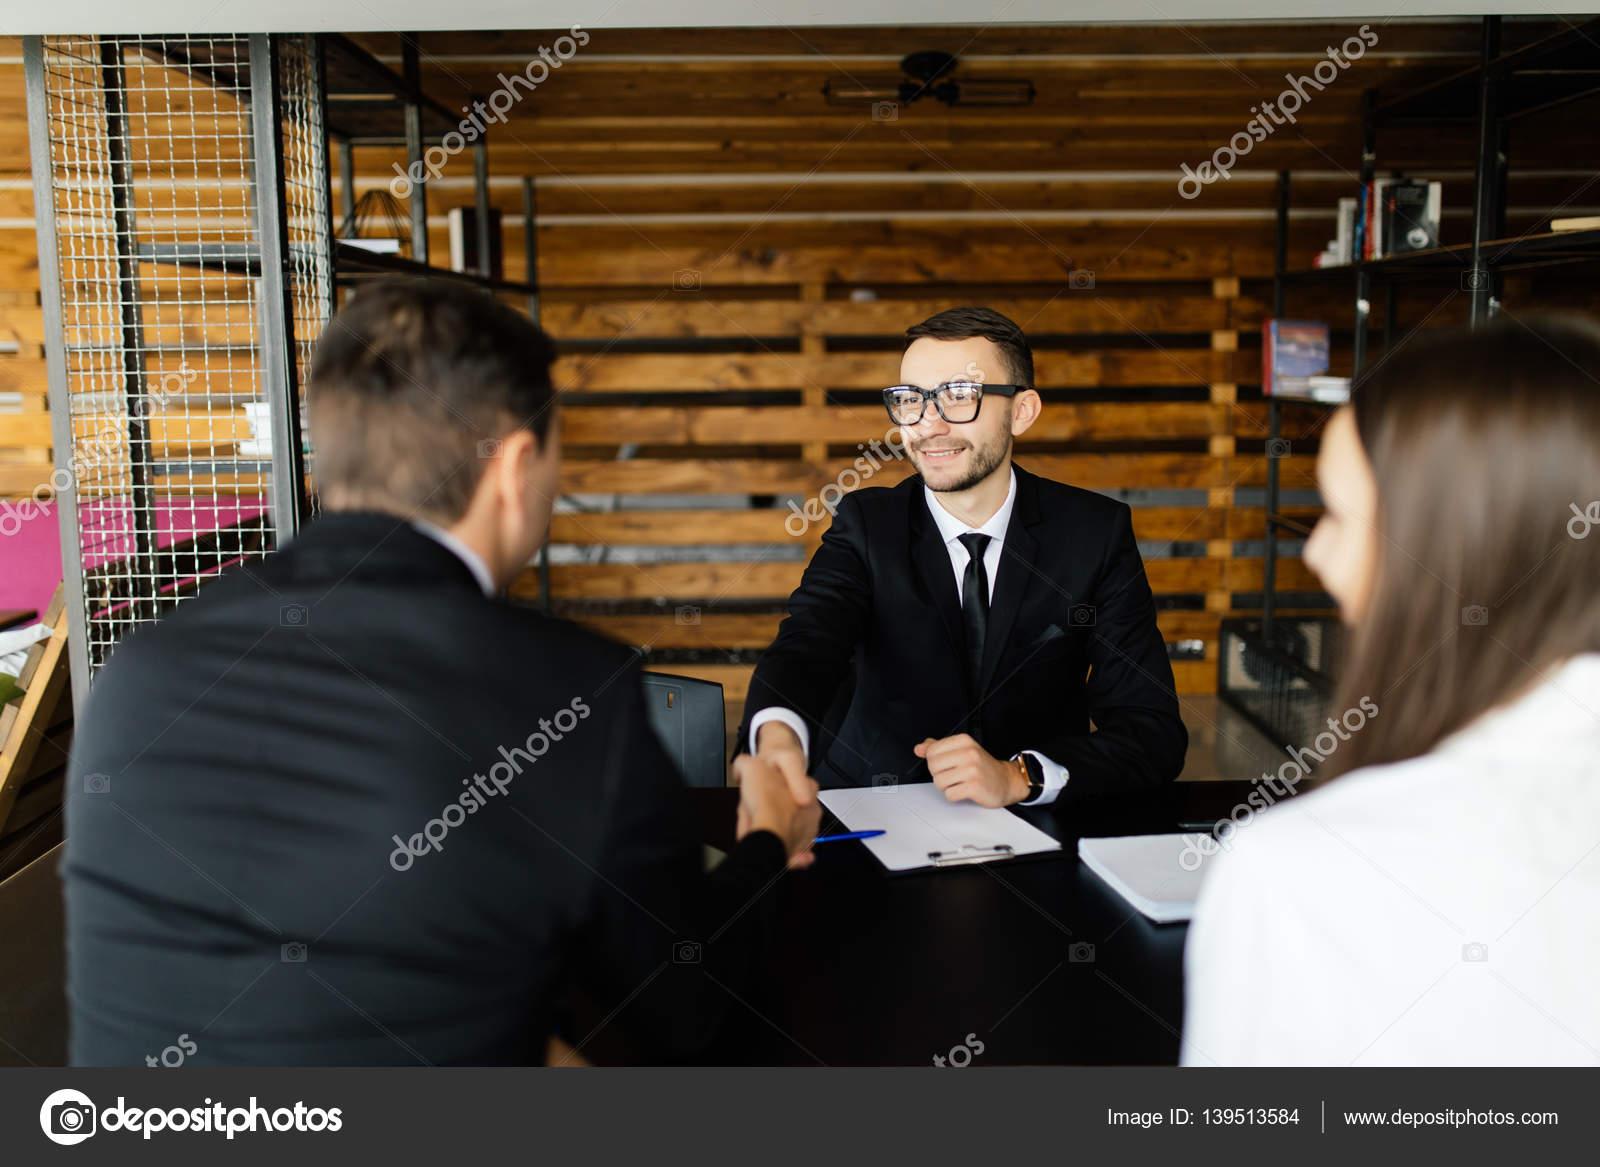 Venda o conceito saudaes de gerente com casal em seu escritrio venda o conceito saudaes de gerente com casal em seu escritrio fotografia de stock m4hsunfo